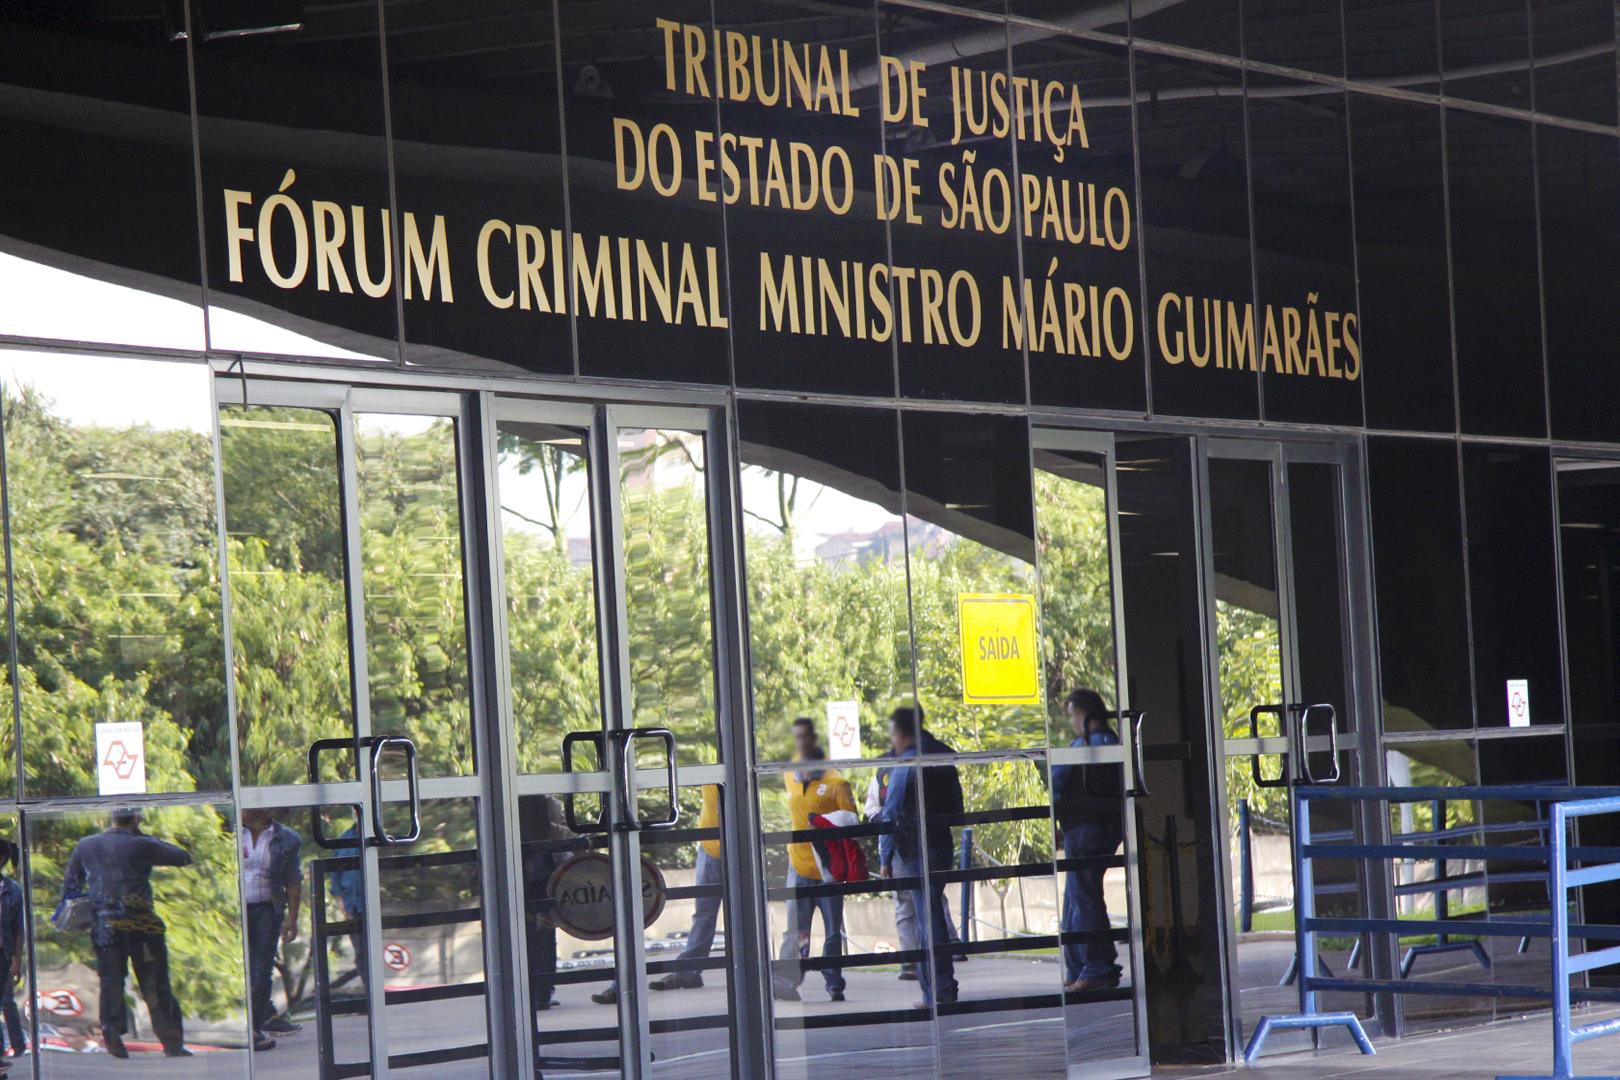 Motociclista acusado de corrupção ativa é condenado